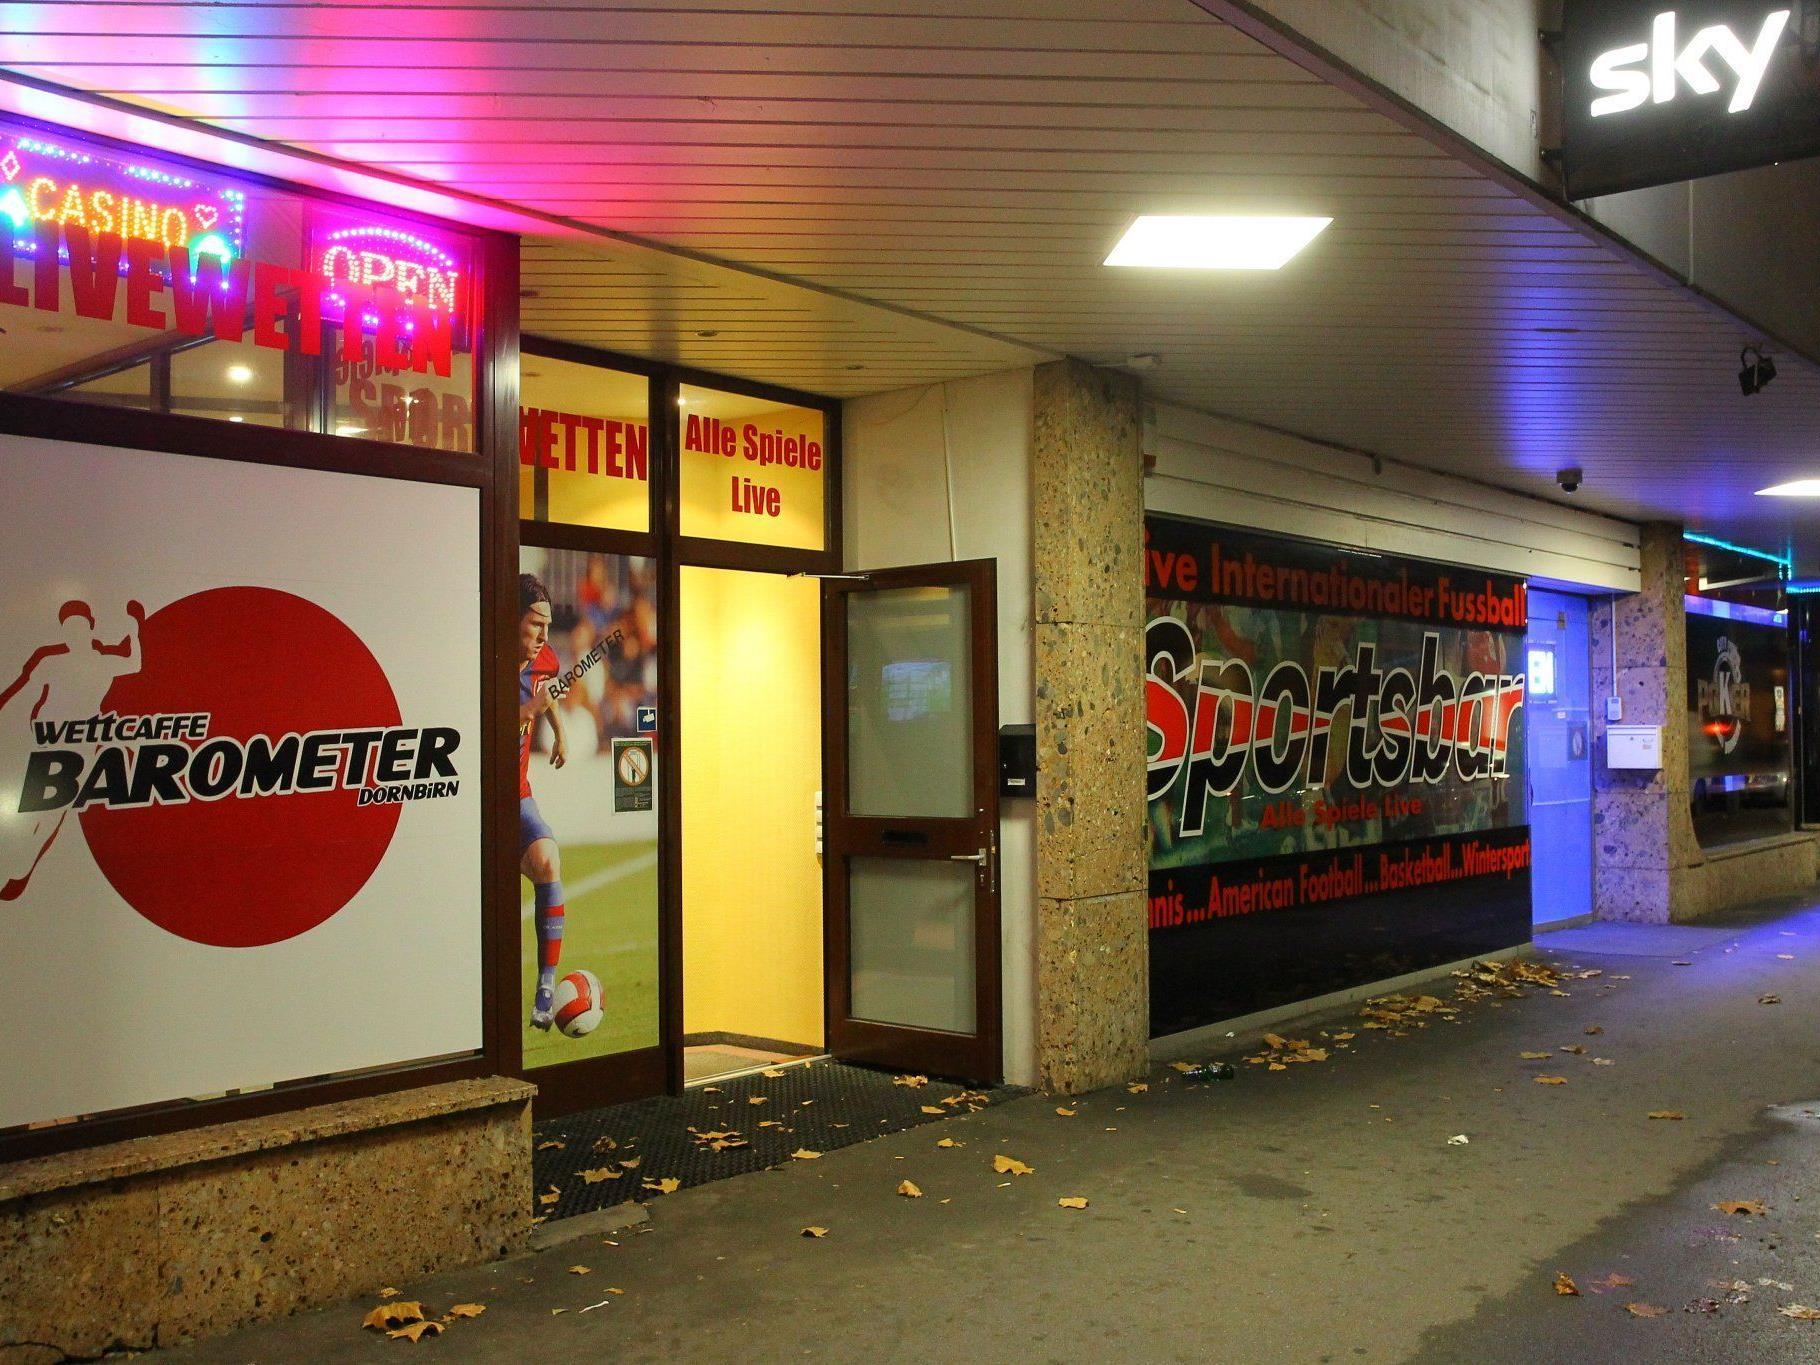 Derzeit sind 116 Wettbüros in Vorarlberg registriert. Das sind 47 Wettbüros weniger als noch ein Jahr zuvor.